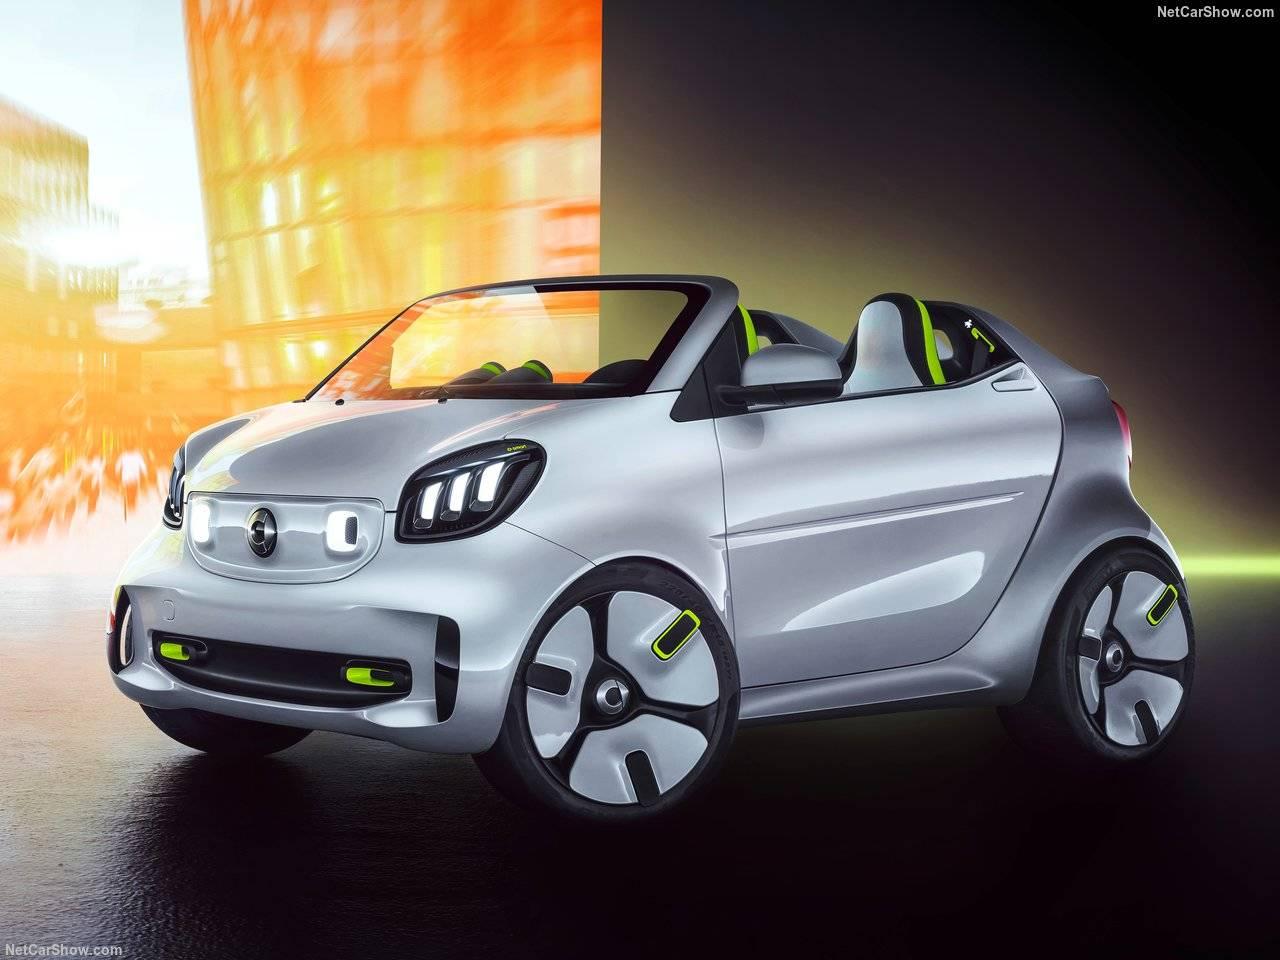 20周年記念モデルとして、パリモーターショーでSmartがforease Conceptを発表!!!